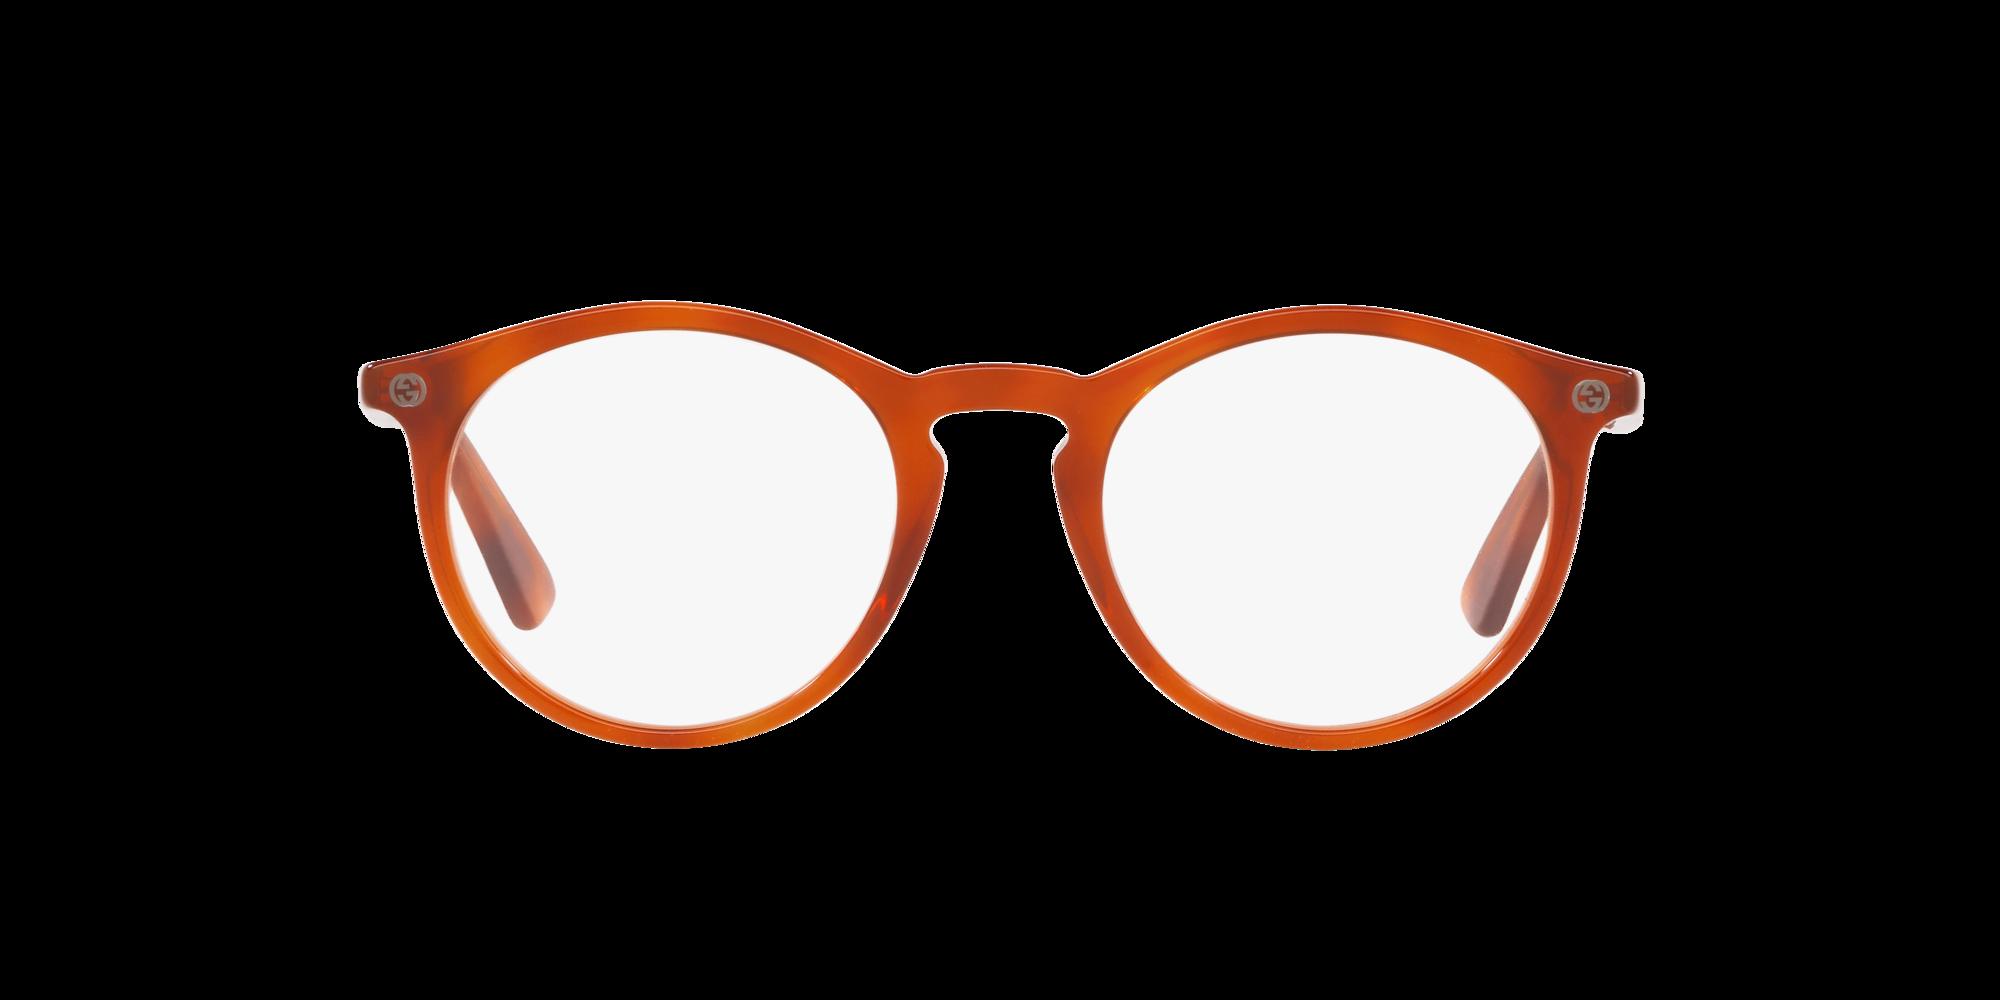 Imagen para GG0121O de LensCrafters |  Espejuelos, espejuelos graduados en línea, gafas